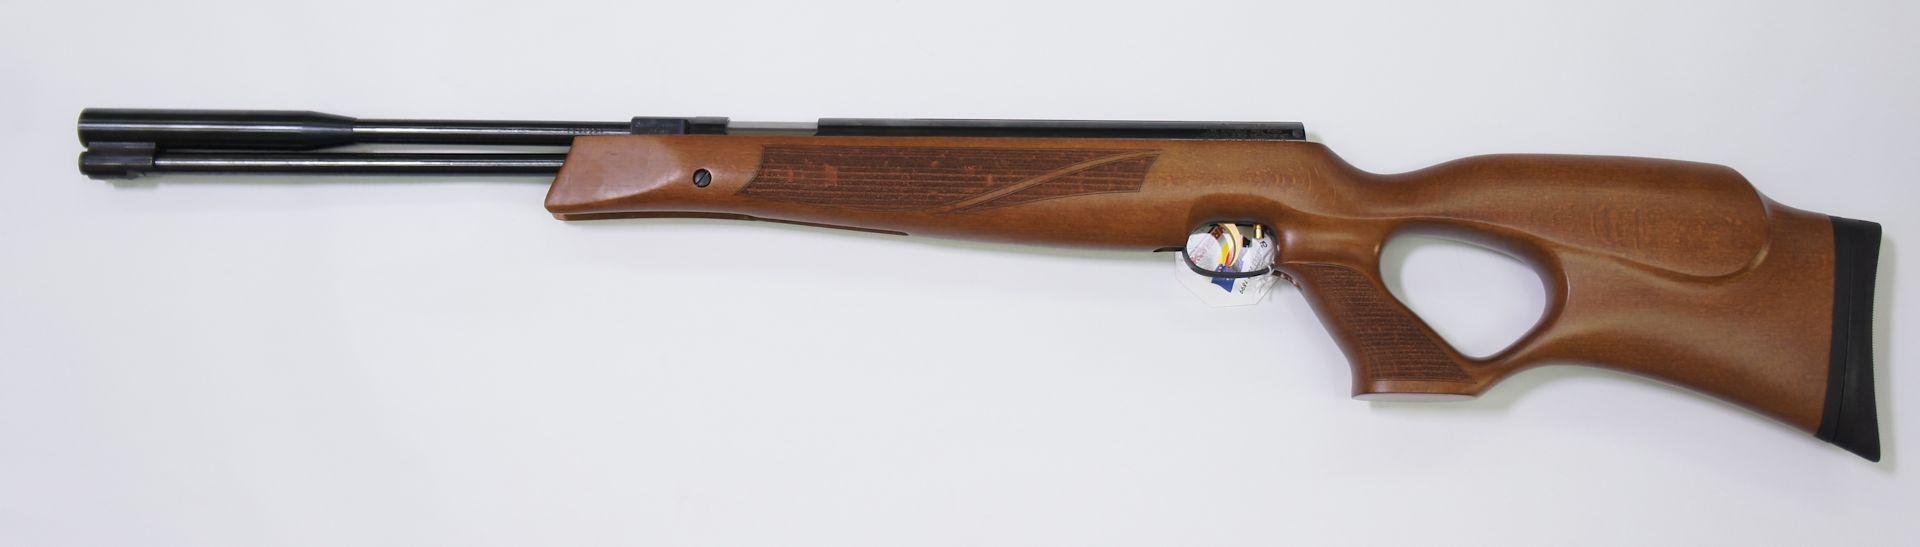 Weihrauch HW97 KT mit Lochschaft aus Holz